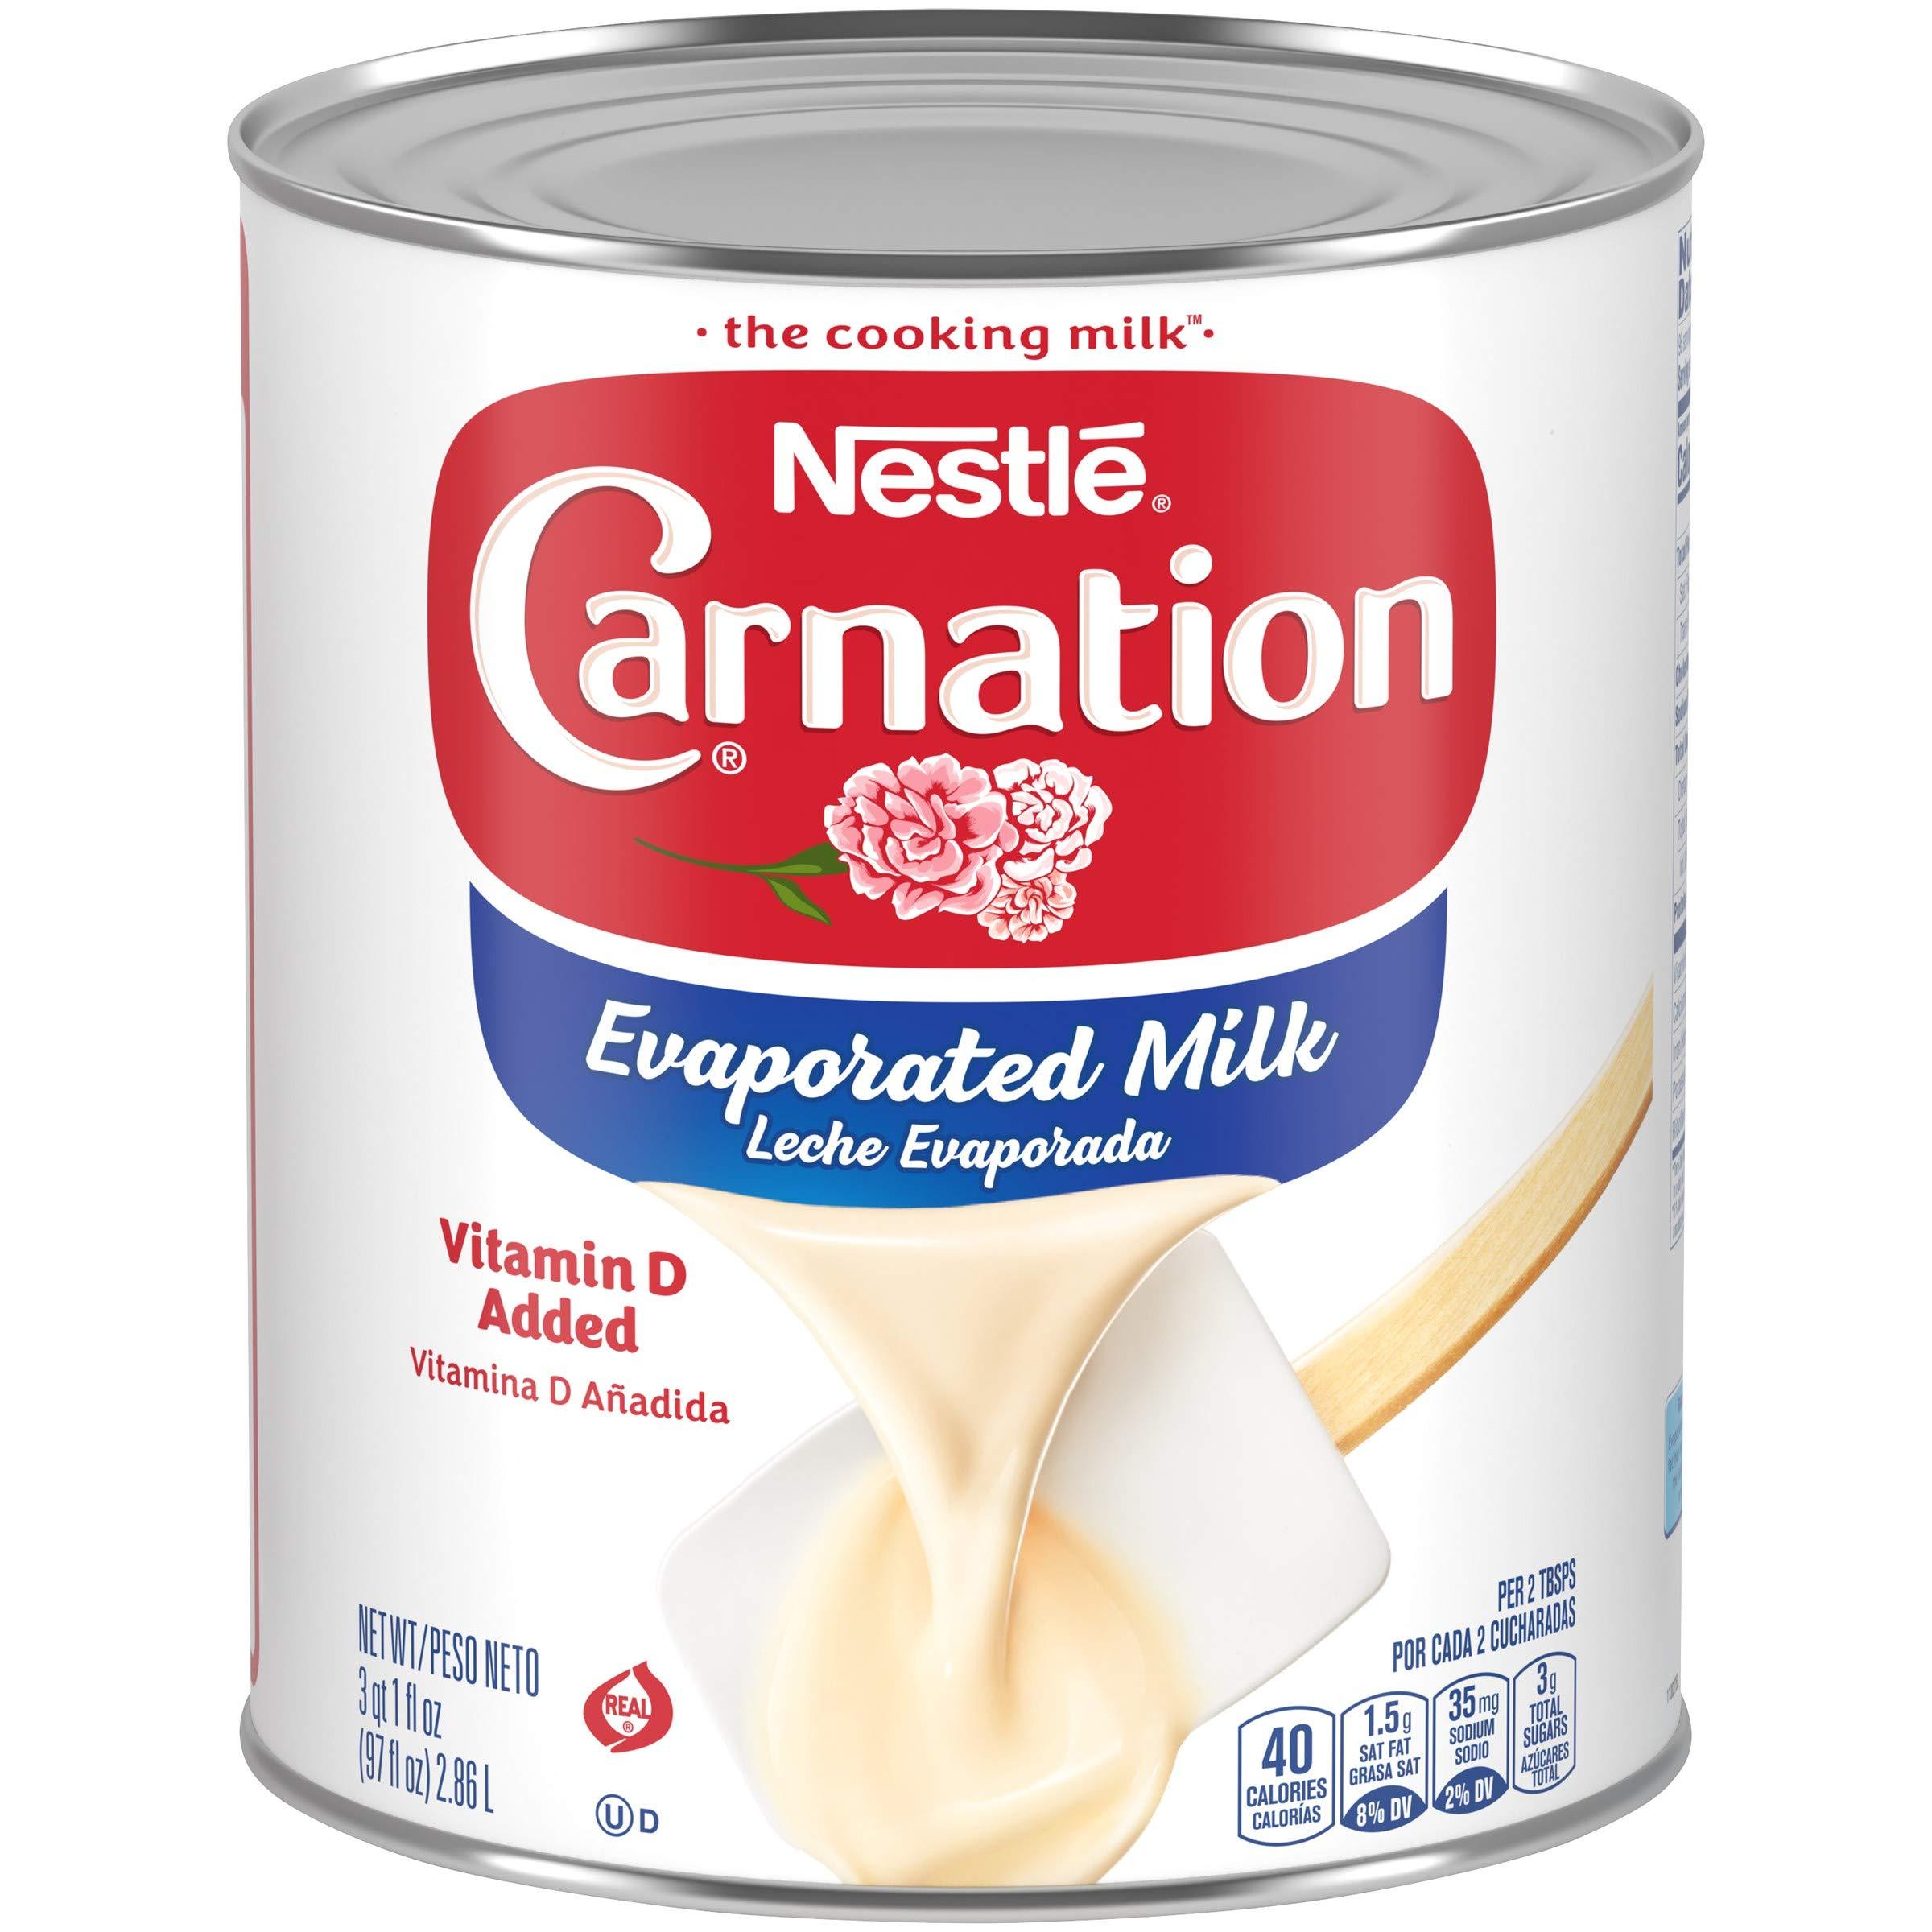 Carnation Evaporated Milk, Holiday Desserts, Unsweetened Condensed Milk, Pumpkin Pie, 97 Fl Oz (2.86 L)